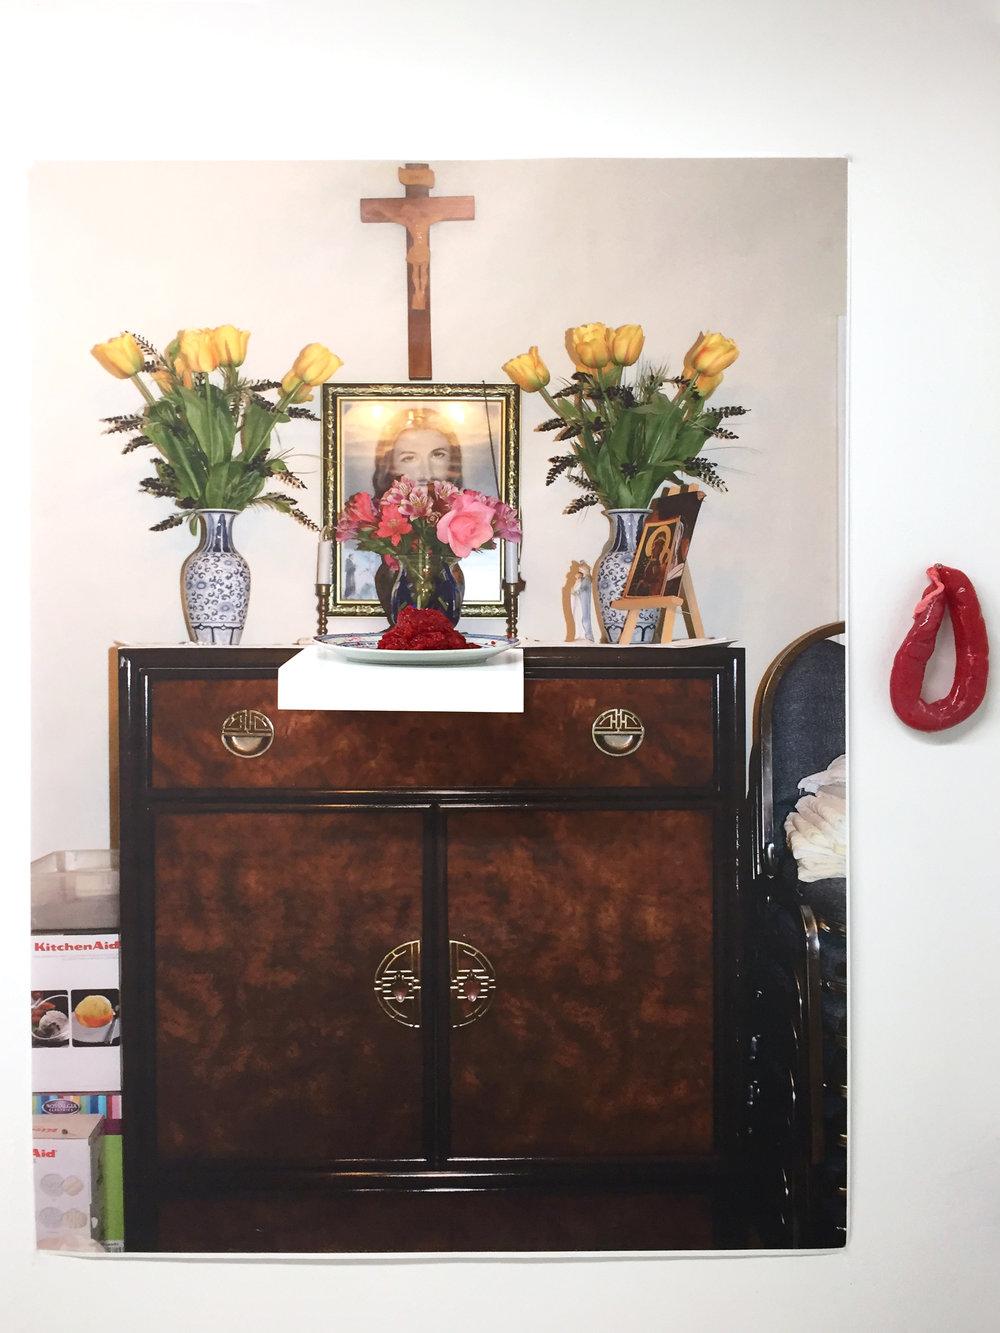 altar  digital image, shelf, blue and white porcelain, strawberry jello, sausage casing (2015)